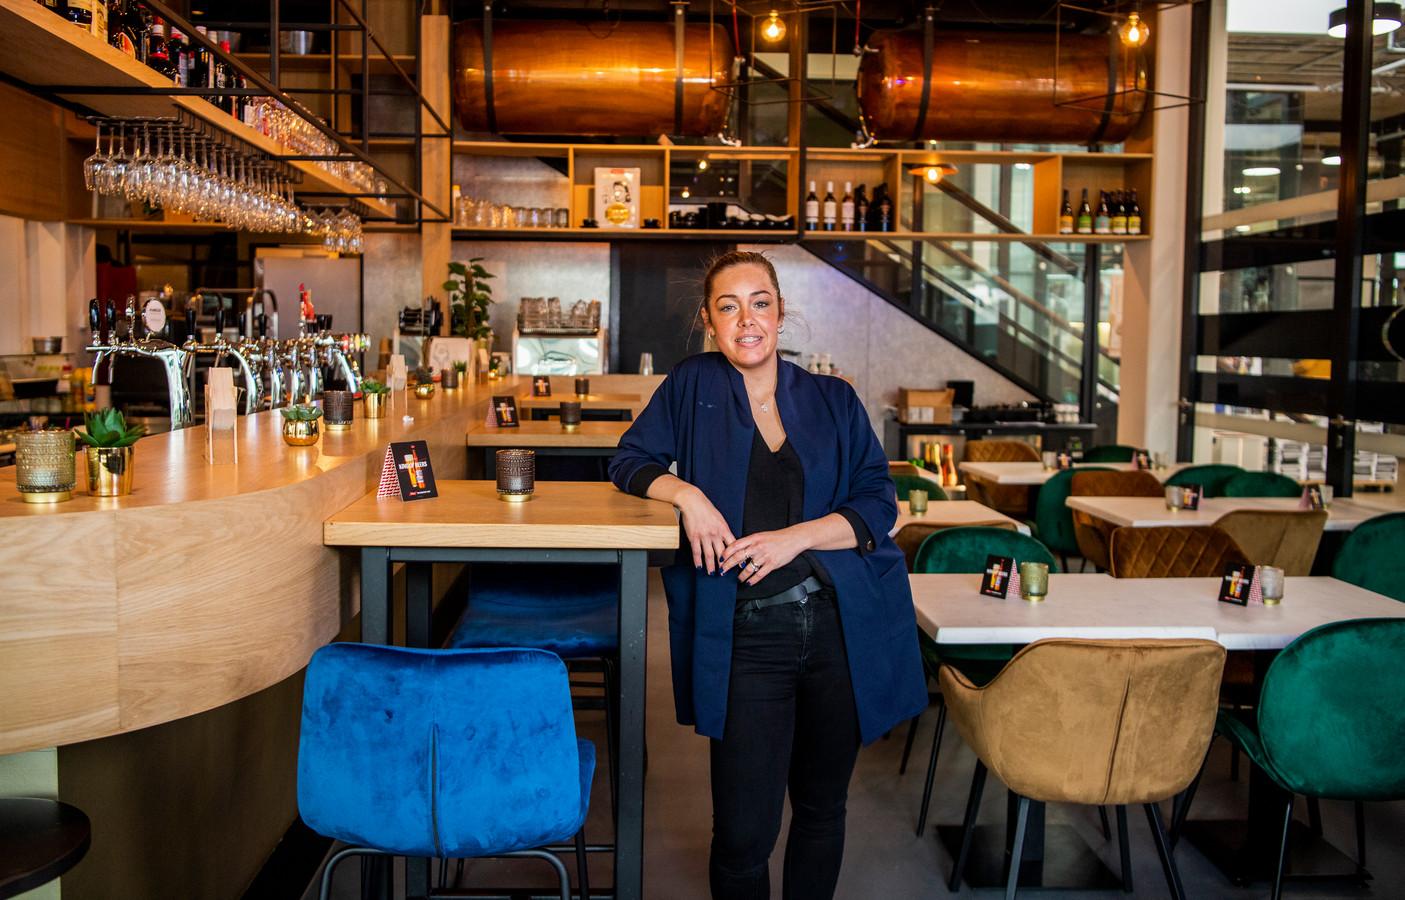 Voor Jamie-Lee van Kleef - van der Spek, eigenaresse van Brasserie Plein 23 op het Stadhuisplein in Zoetermeer, voelt de gedeeltelijke heropening van de horeca als een nieuw begin.